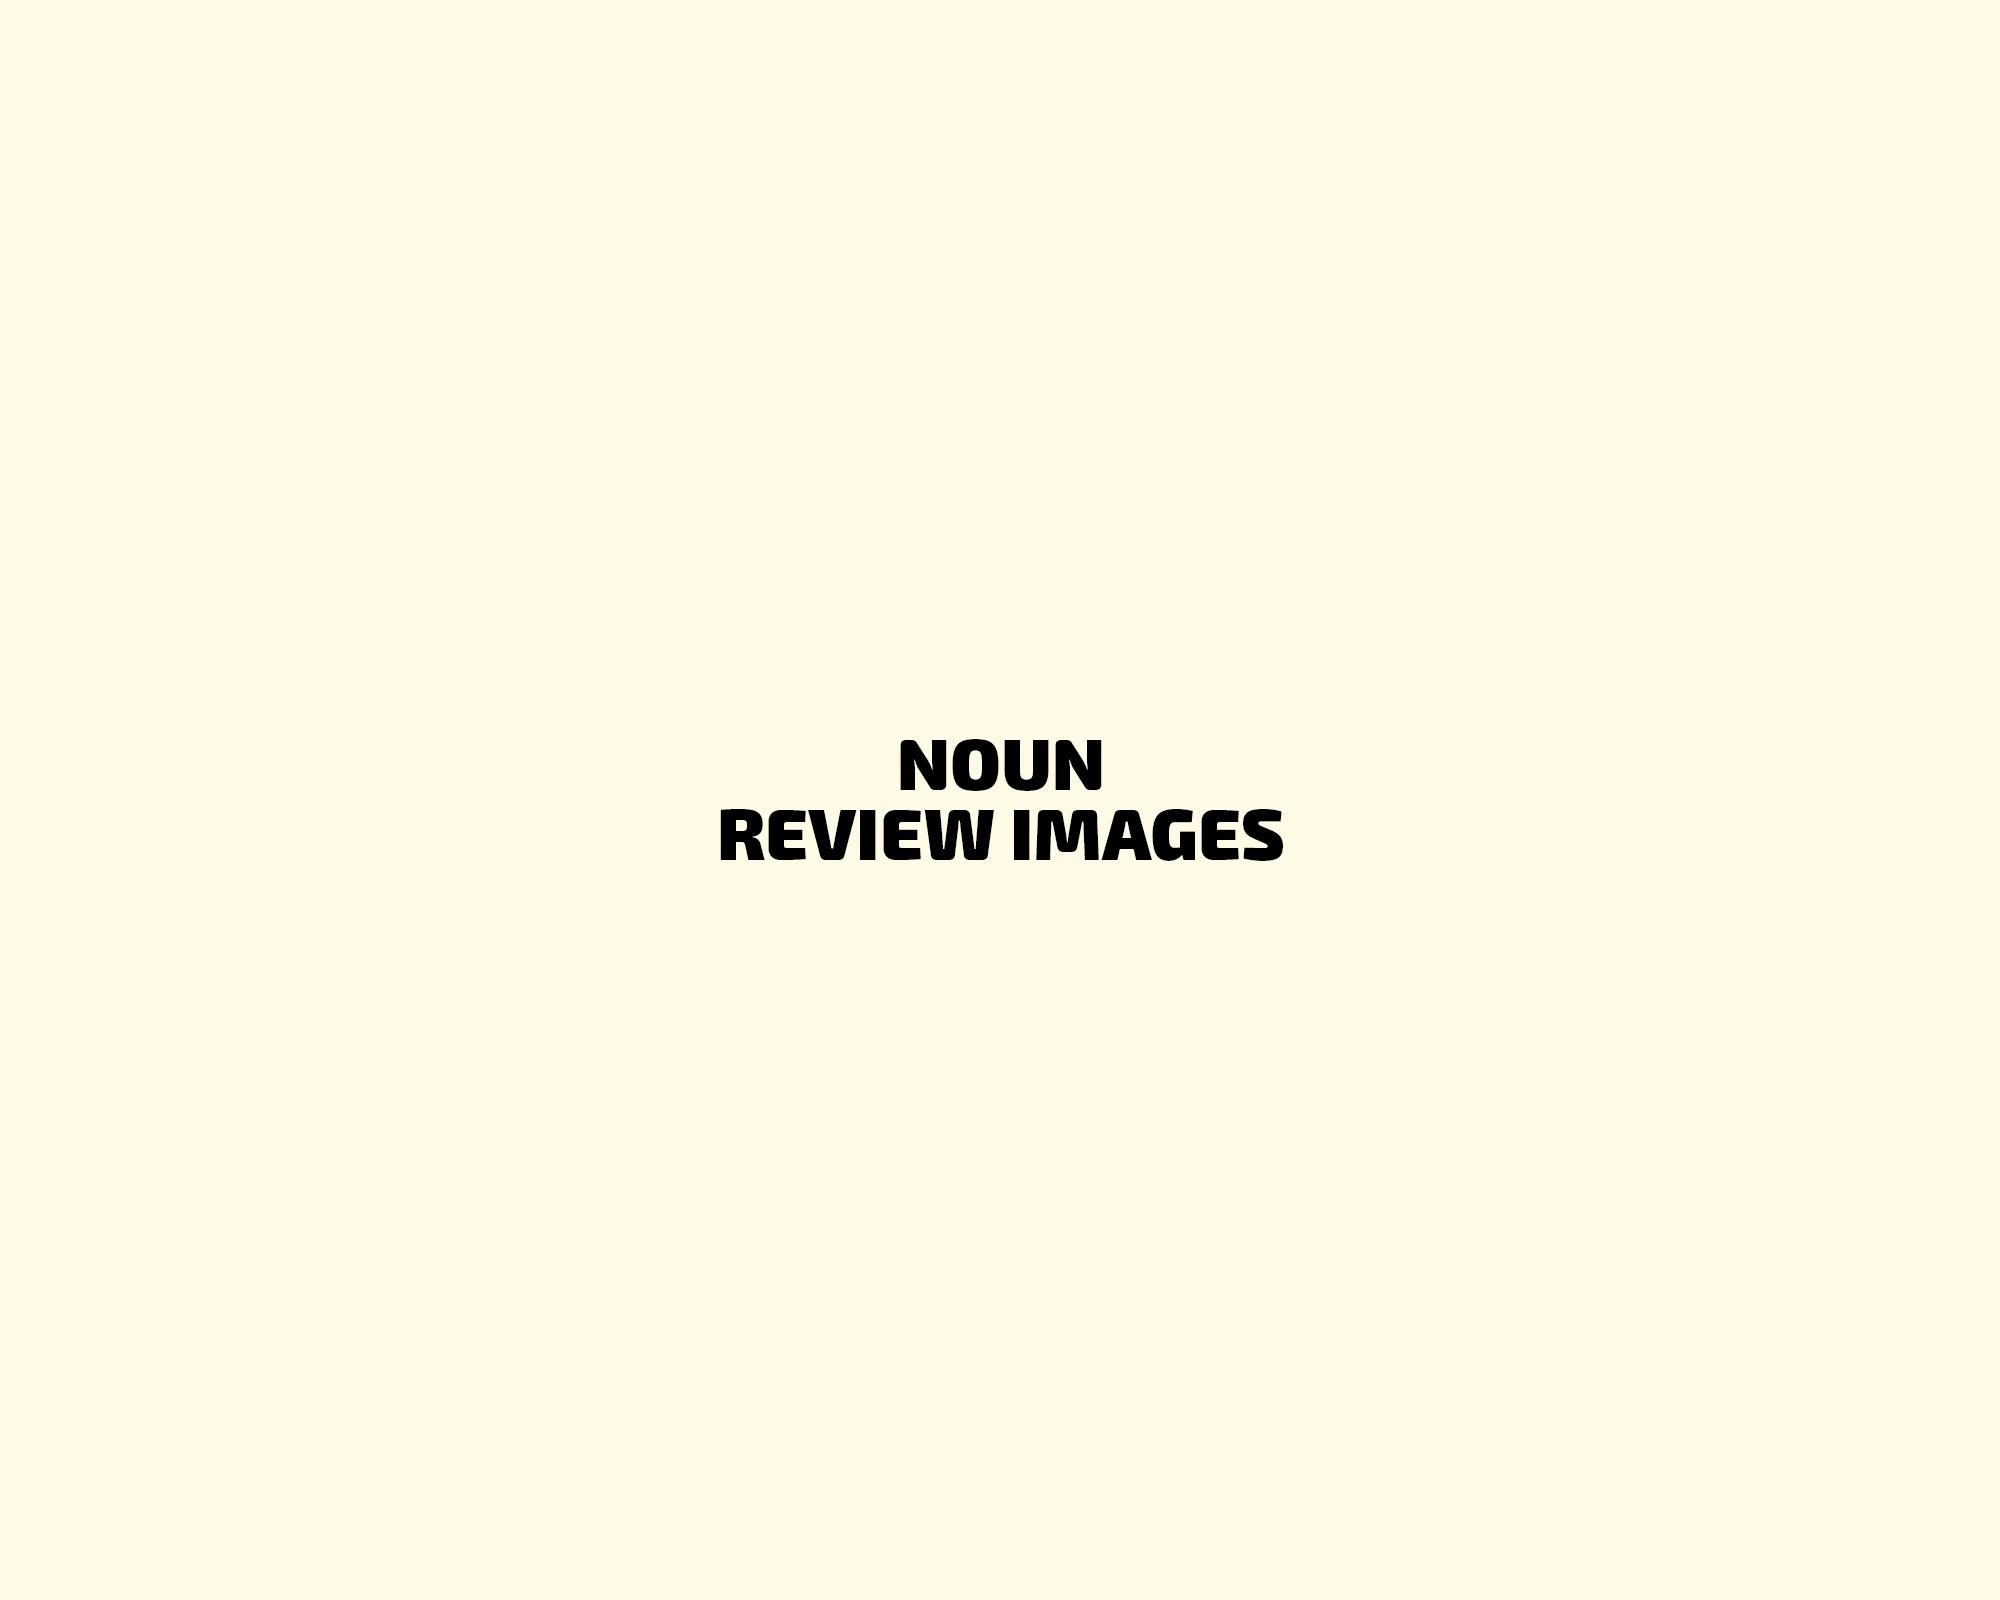 e-nouns-gallery